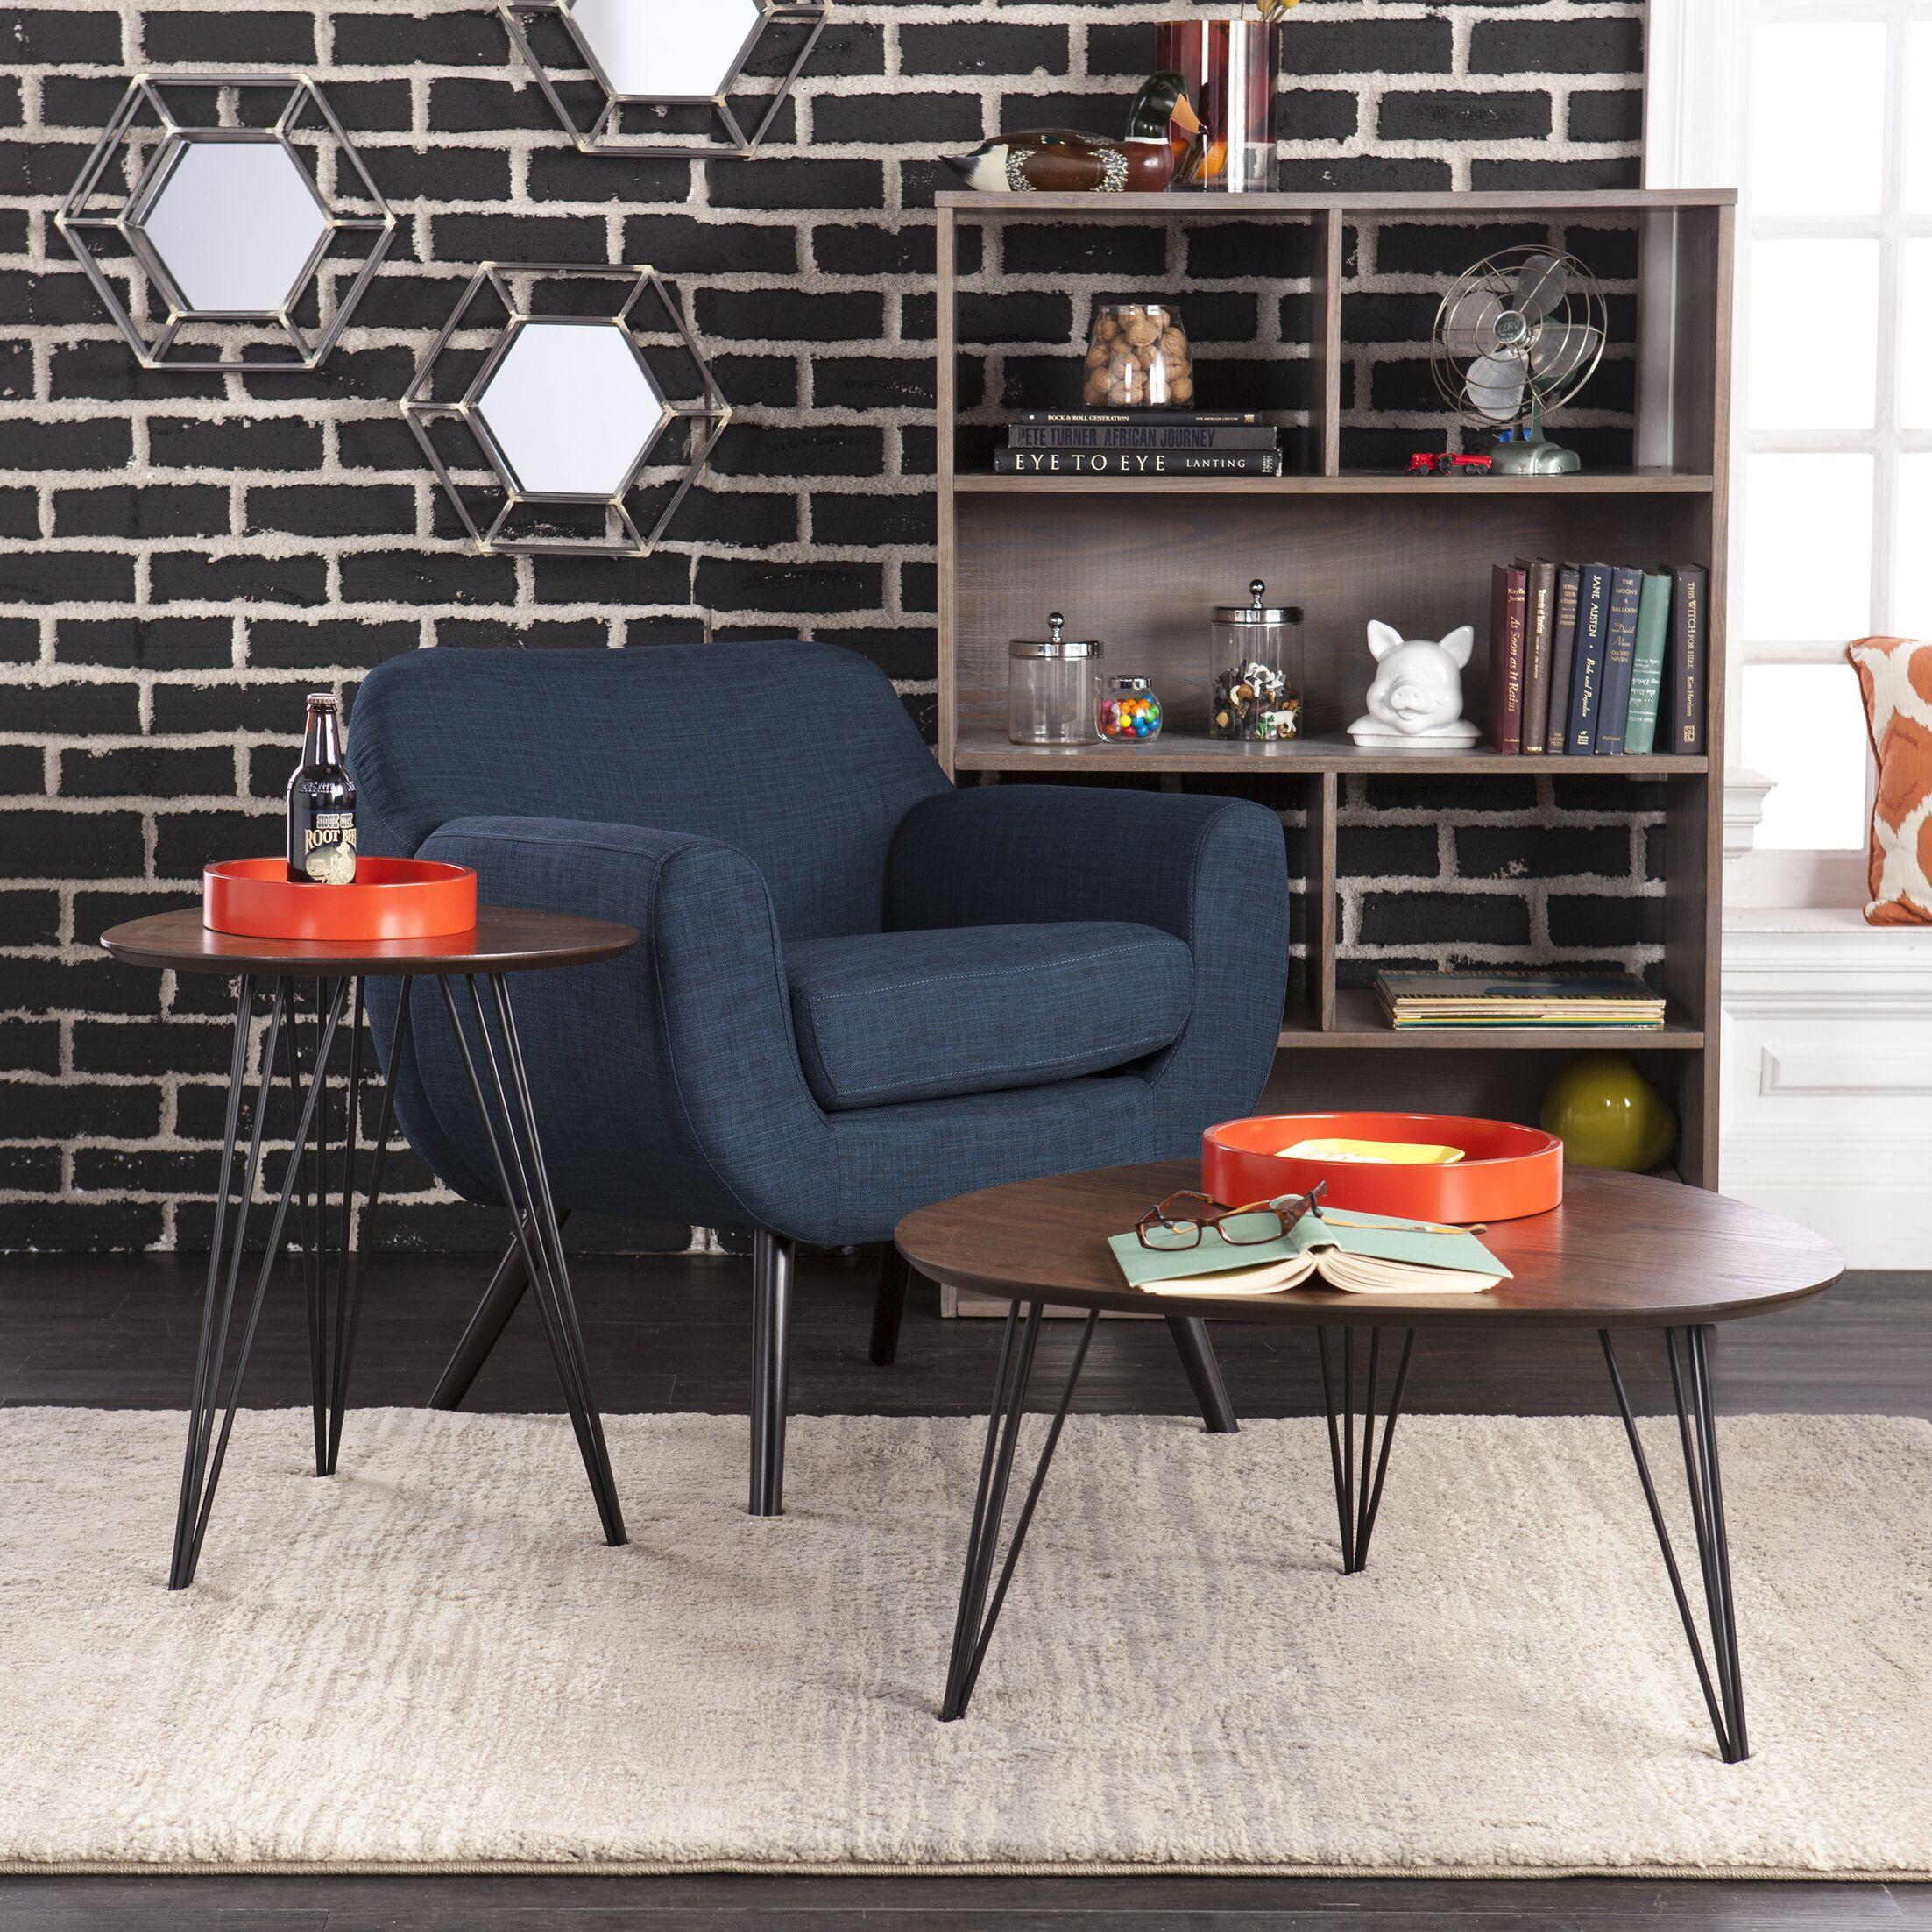 2 Piece Coffee Table Set Color: Dark Tobacco